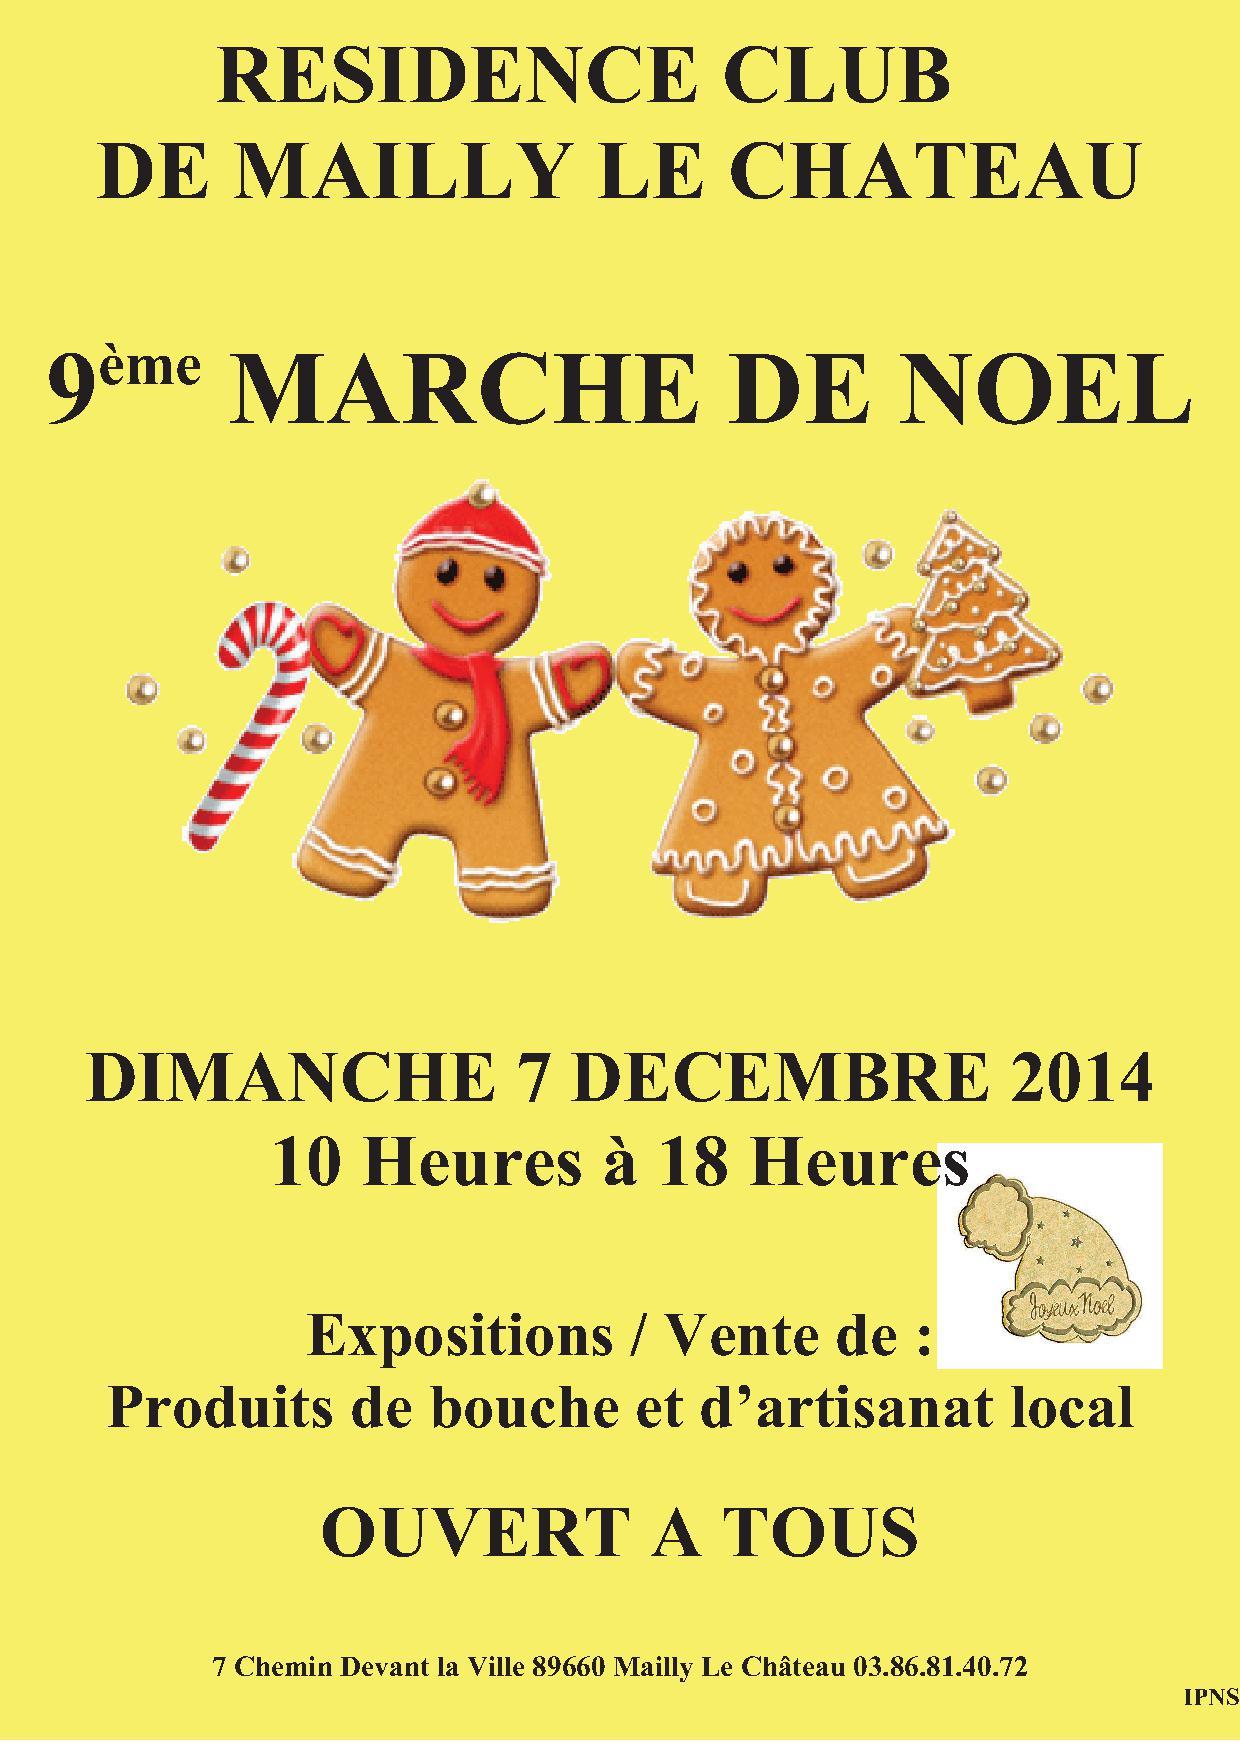 Affiche du marché de Noël de Mailly le Château